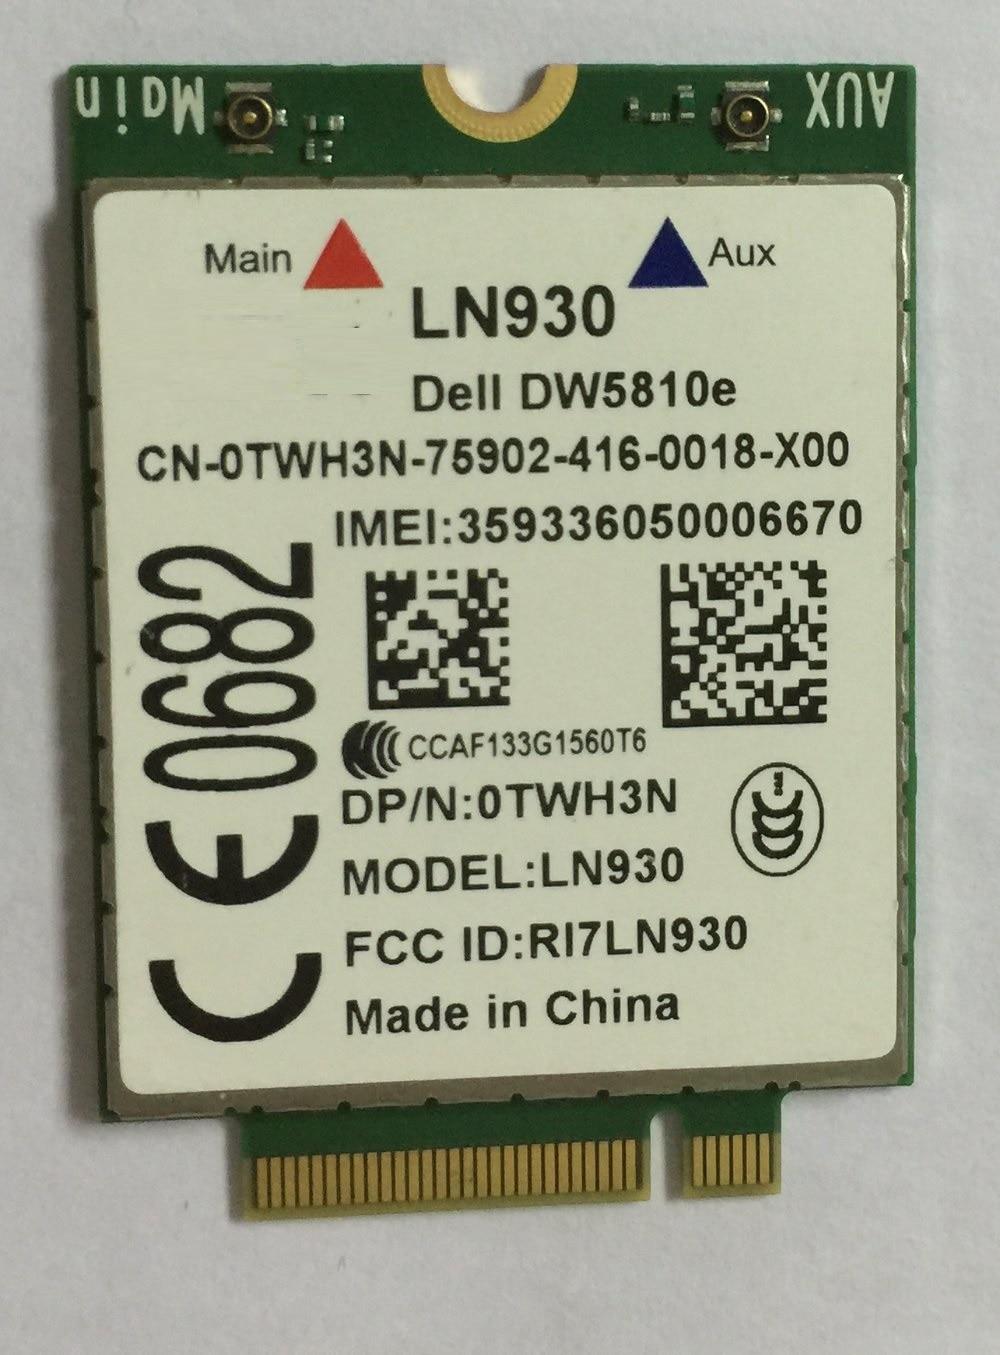 SSEA Telit LN930 NRR39 4G Wireless NGFF Module PN: 0TWH3N WWAN Card for Dell Wireless DW5810e Venue 11 Pro 4G/LTE/DC-HSPA+ WWAN